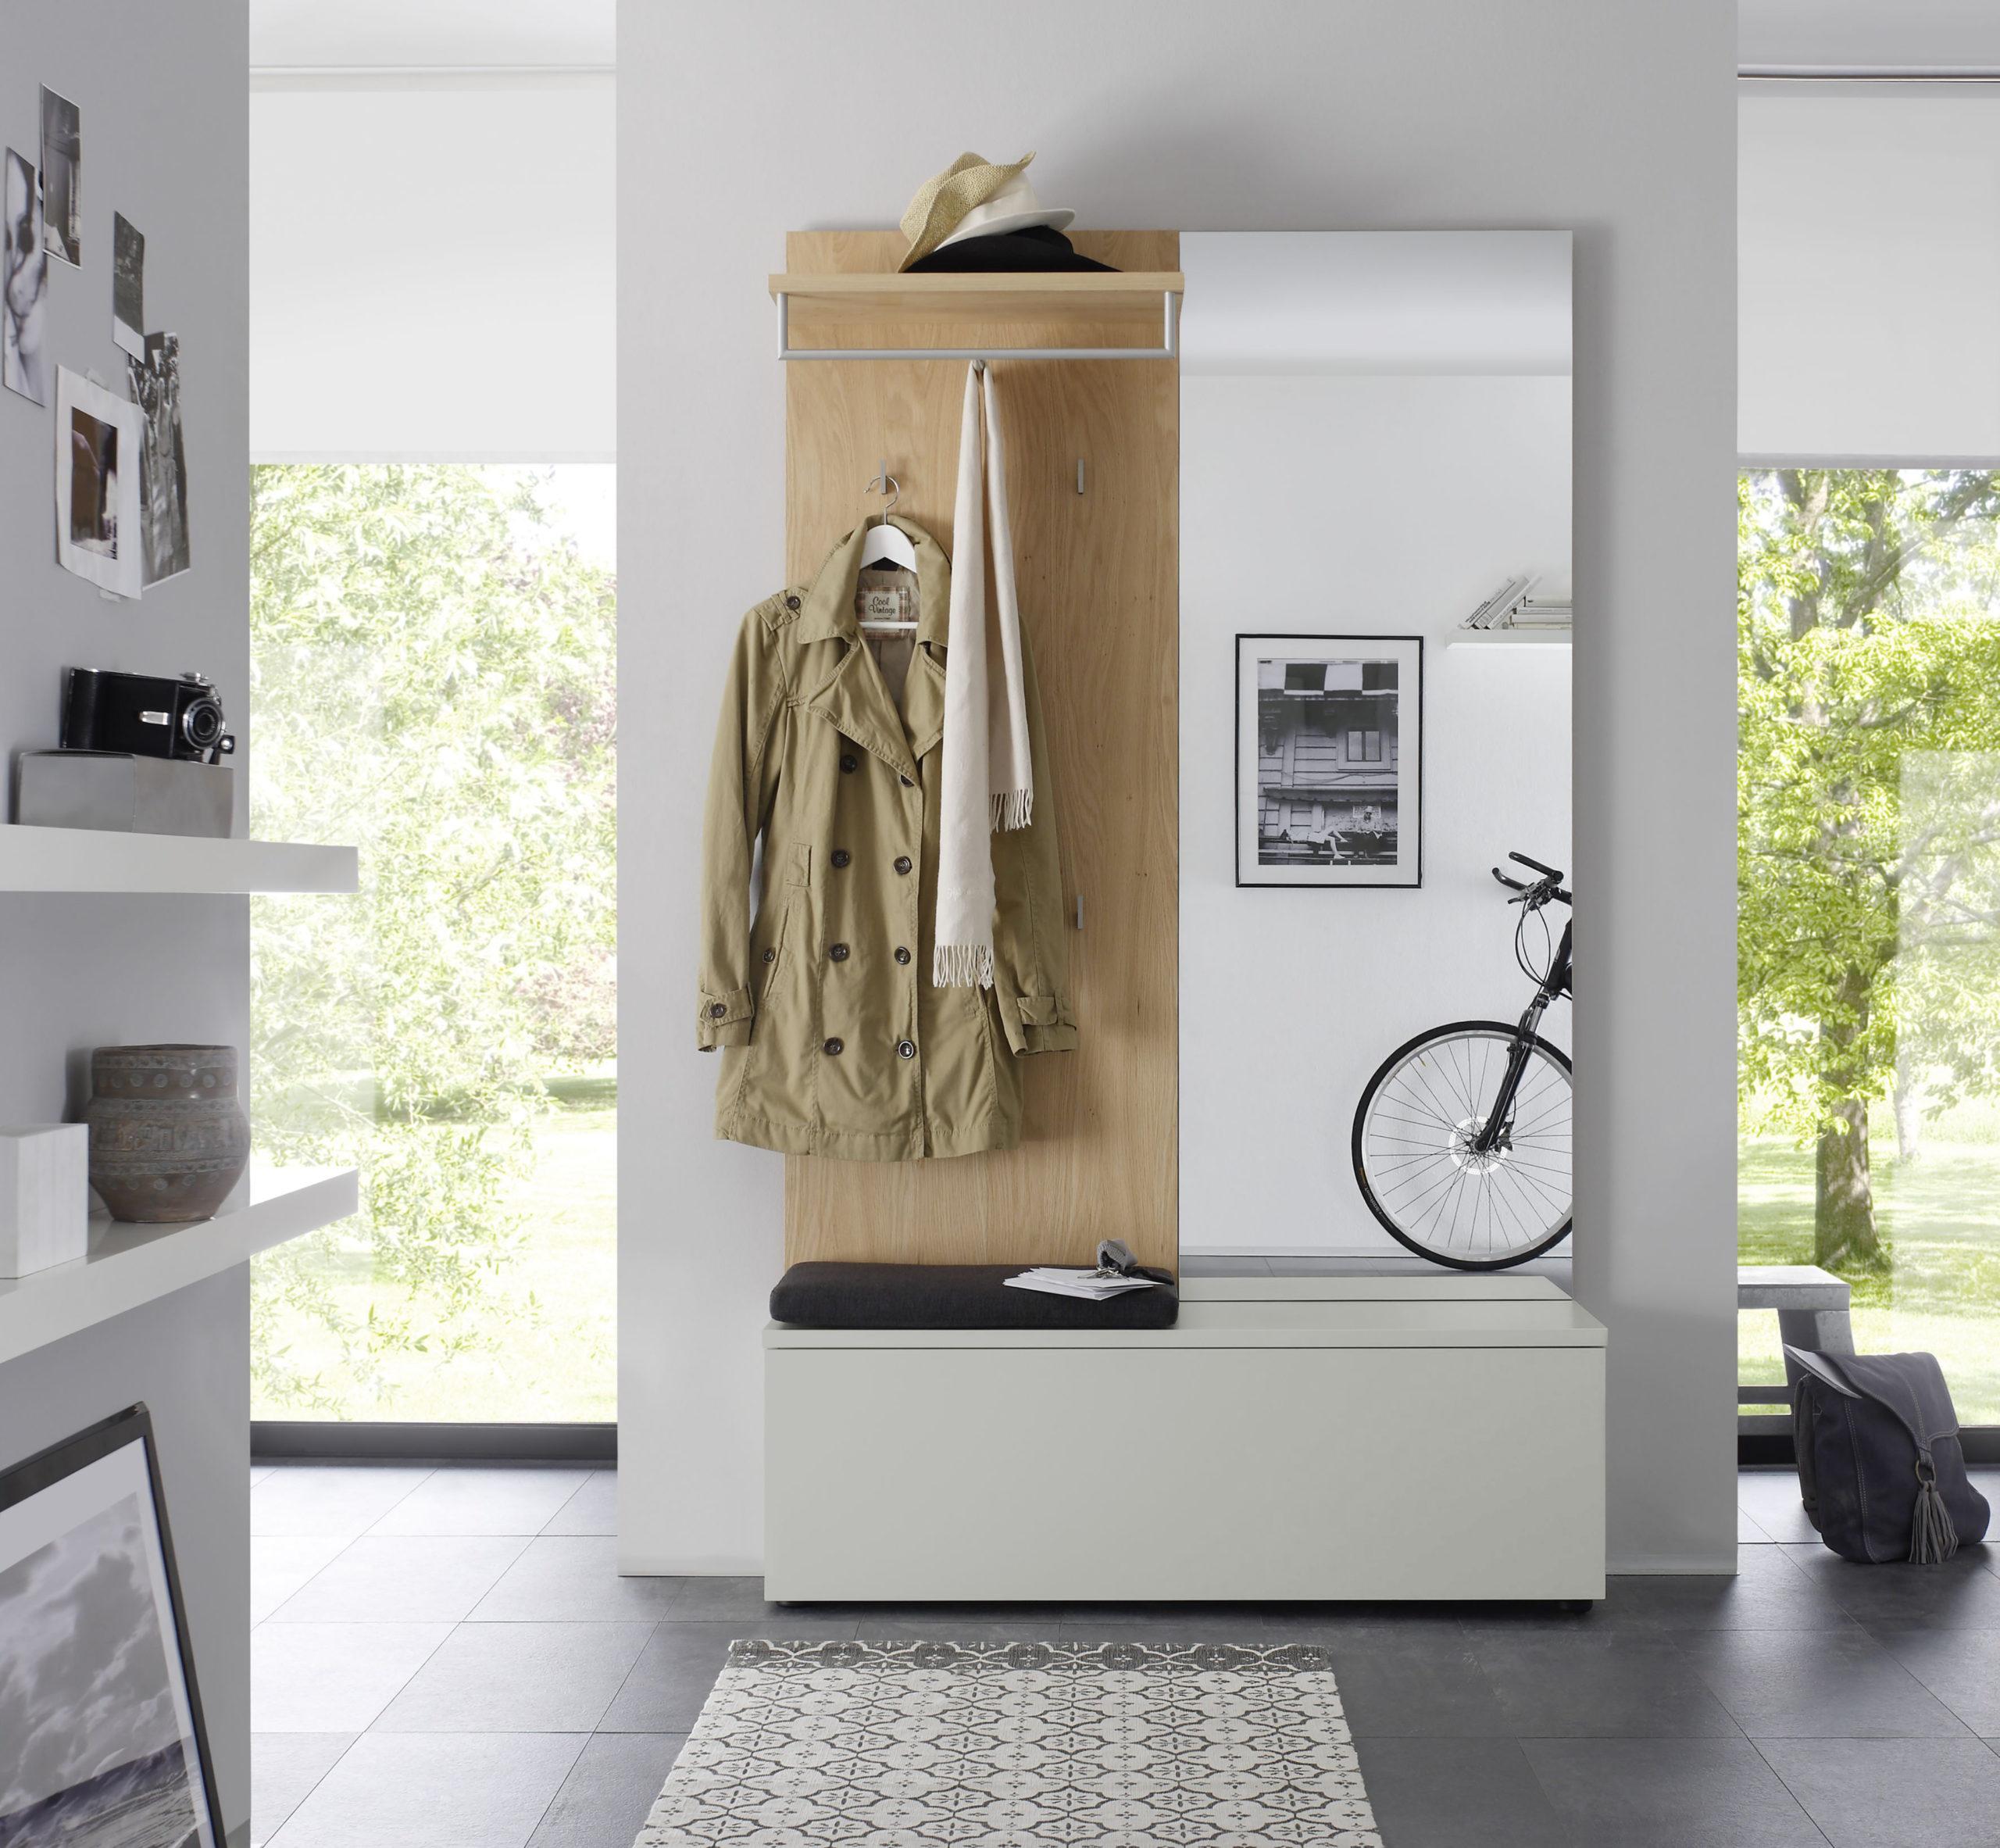 Sudbrock TANDO Garderobe in der Ausführung Ethno Eiche, Lack canagrau #494